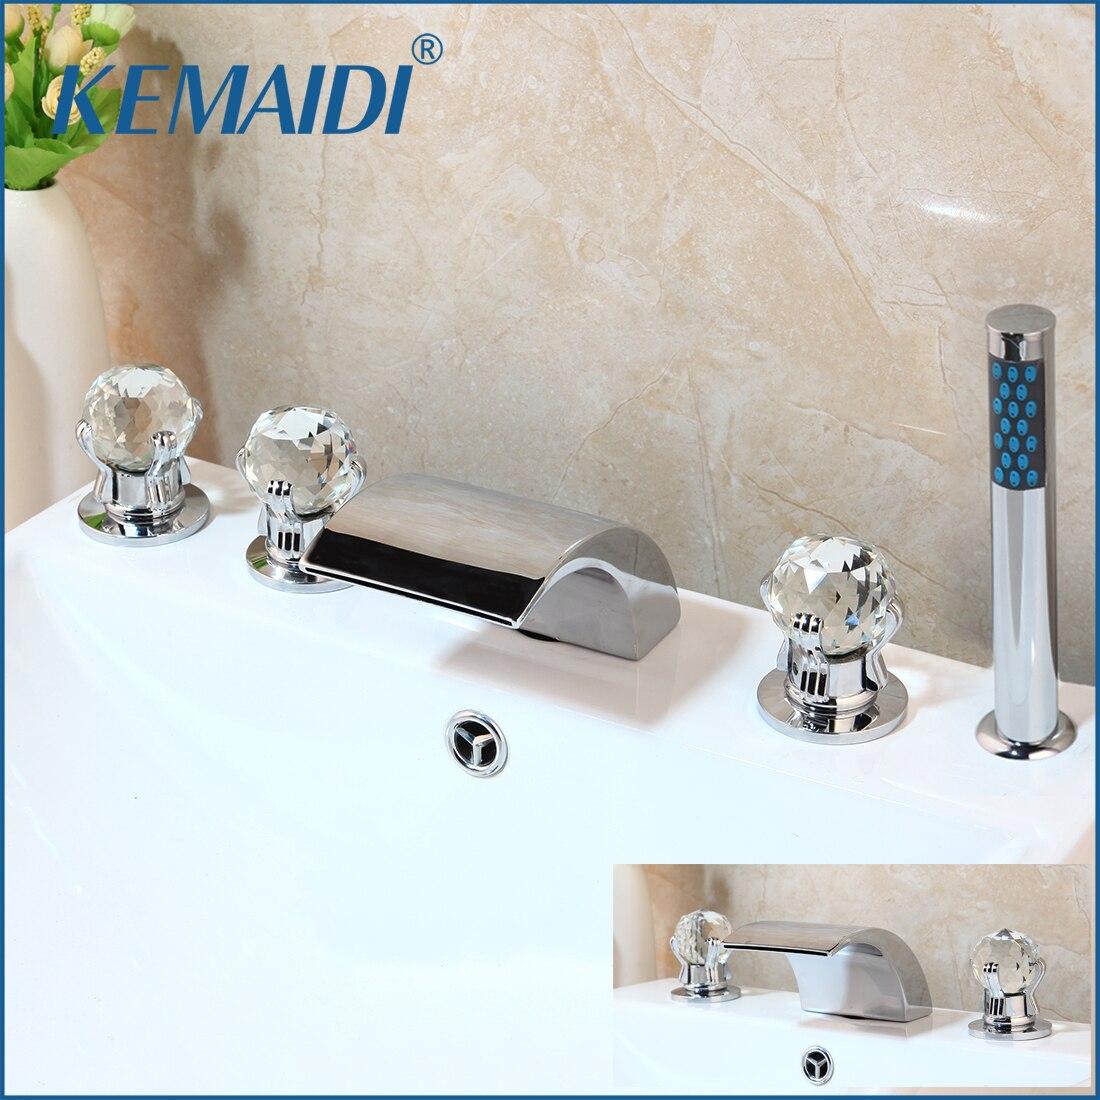 KEMAIDI дизайнерский комплект из 5 штук, смеситель с водопадом, носик с ручной душевой лейкой, смеситель для ванной комнаты, torneira ручной душ для ...